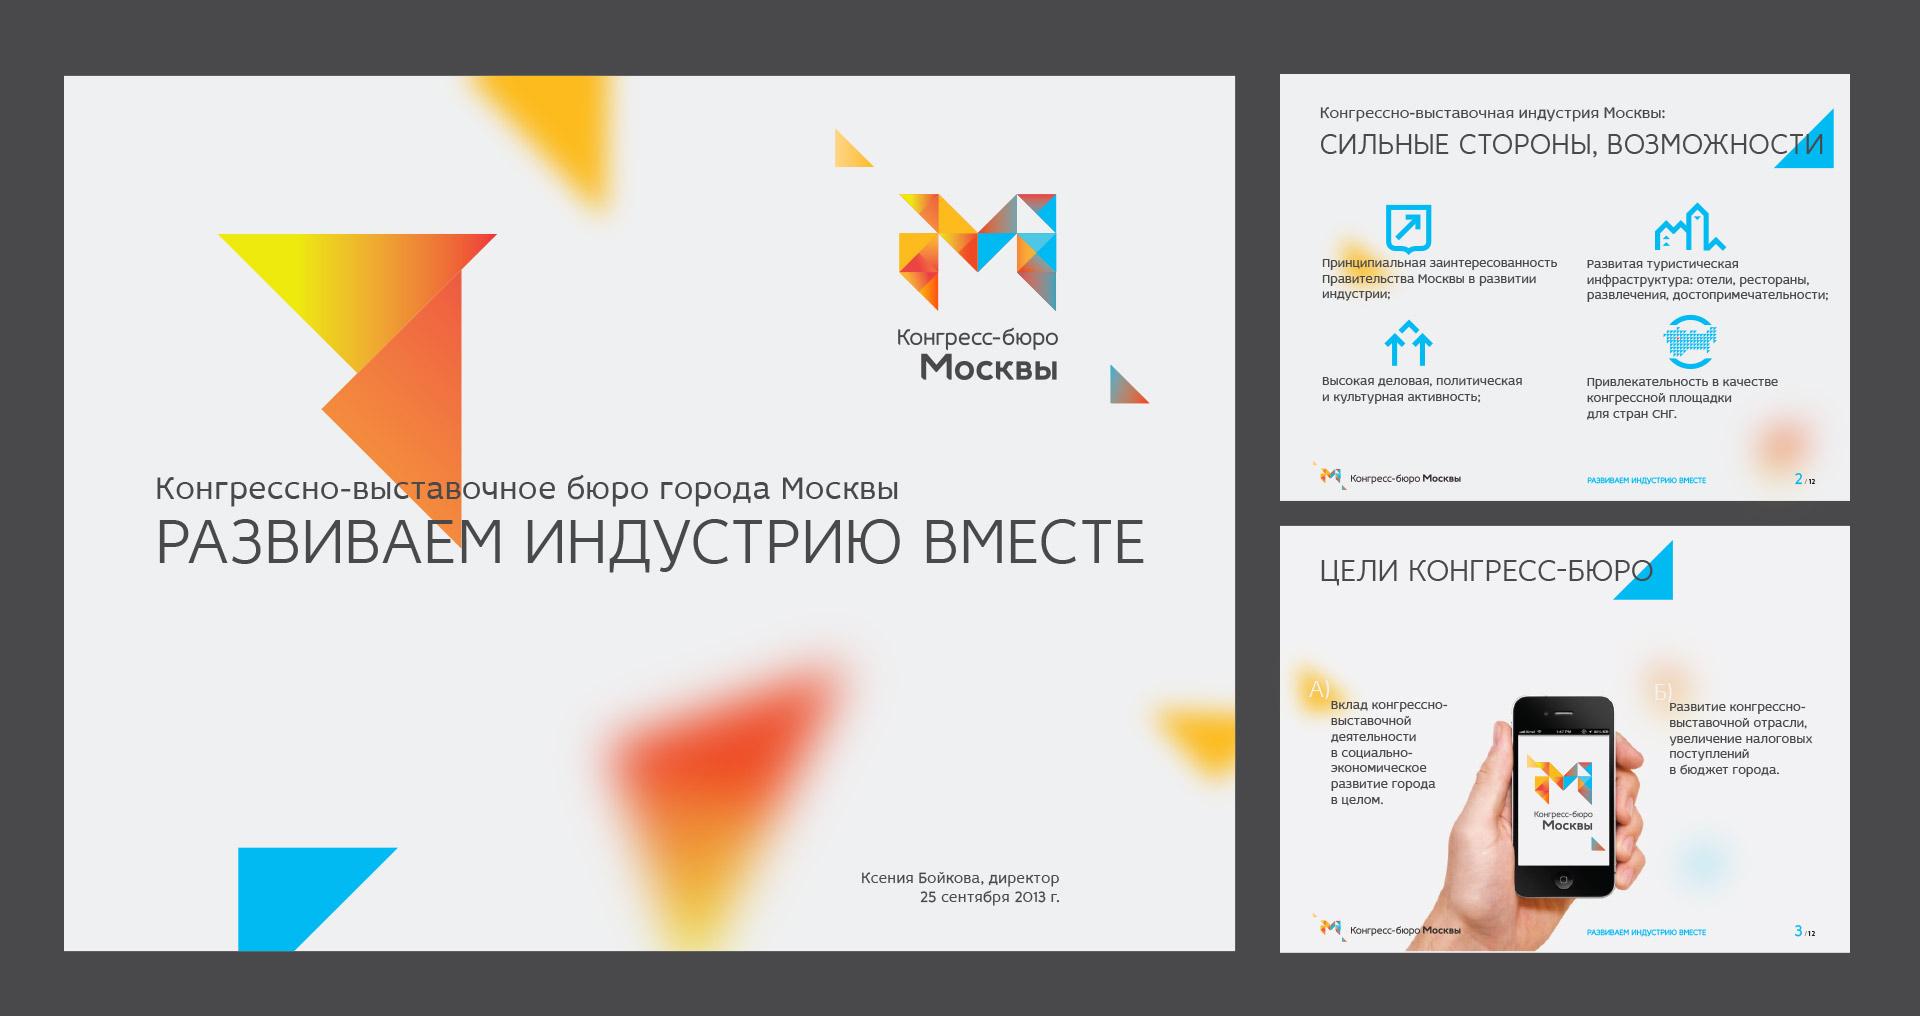 Презентация Конгресс-бюро Москвы